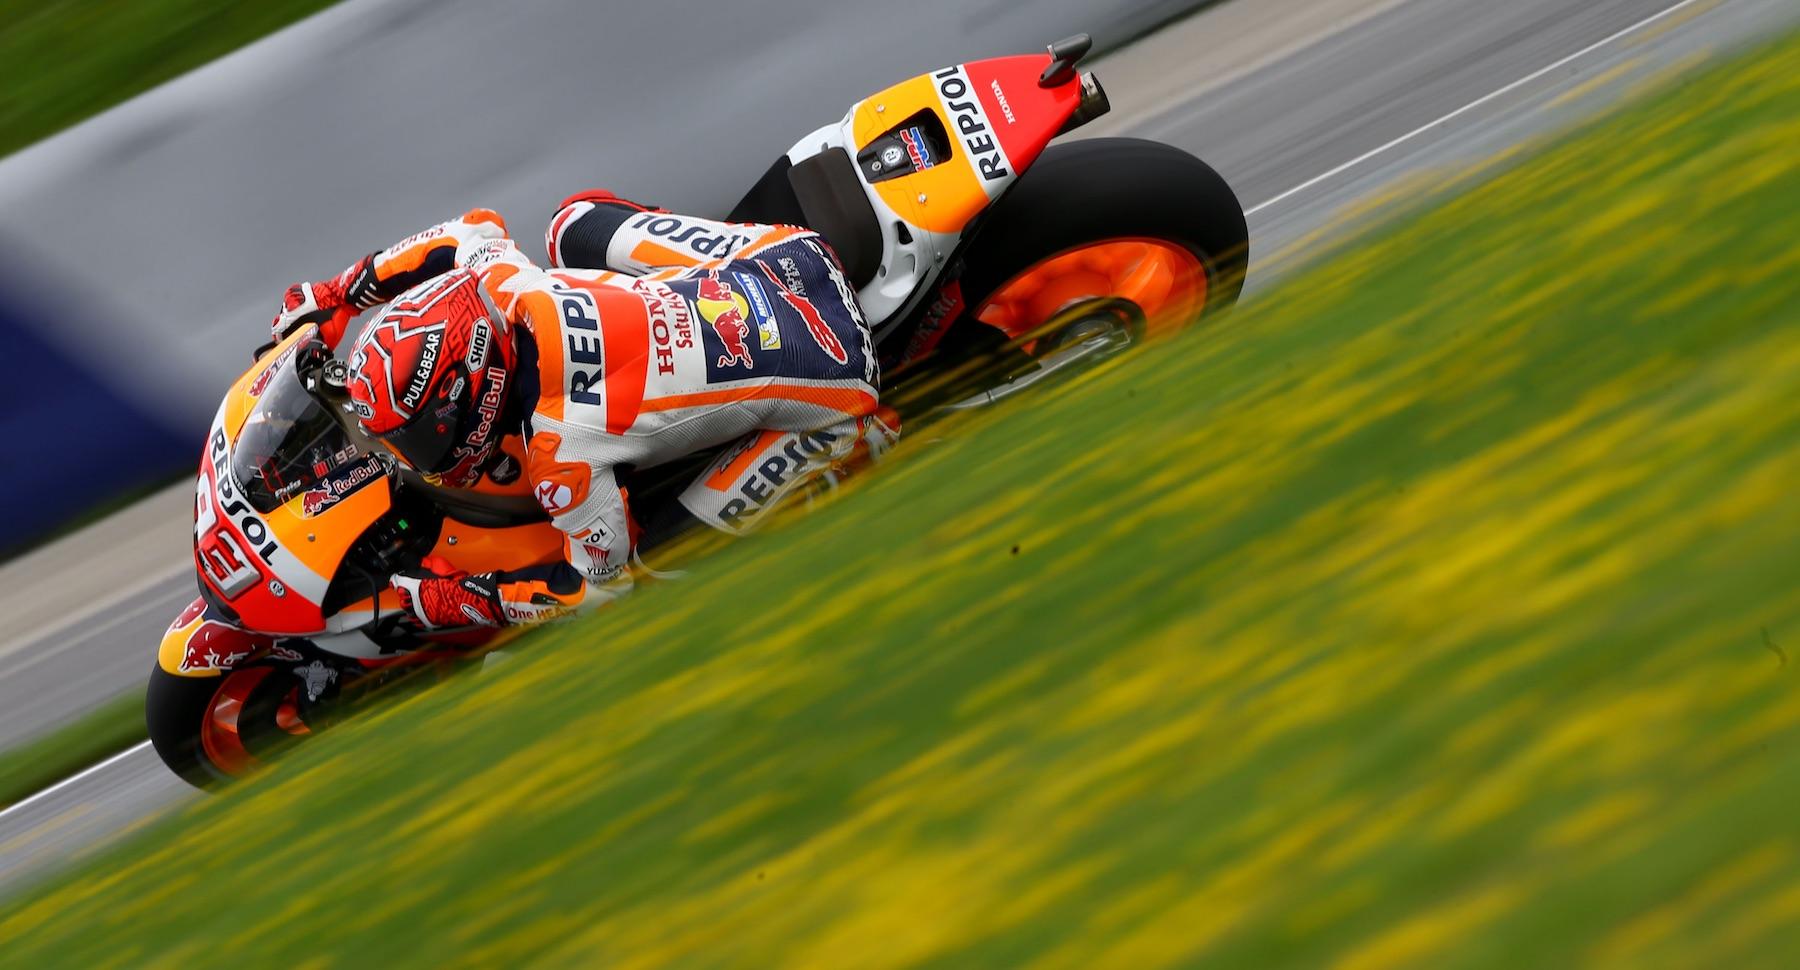 Marc Márquez consigue la pole position en territorio Ducati